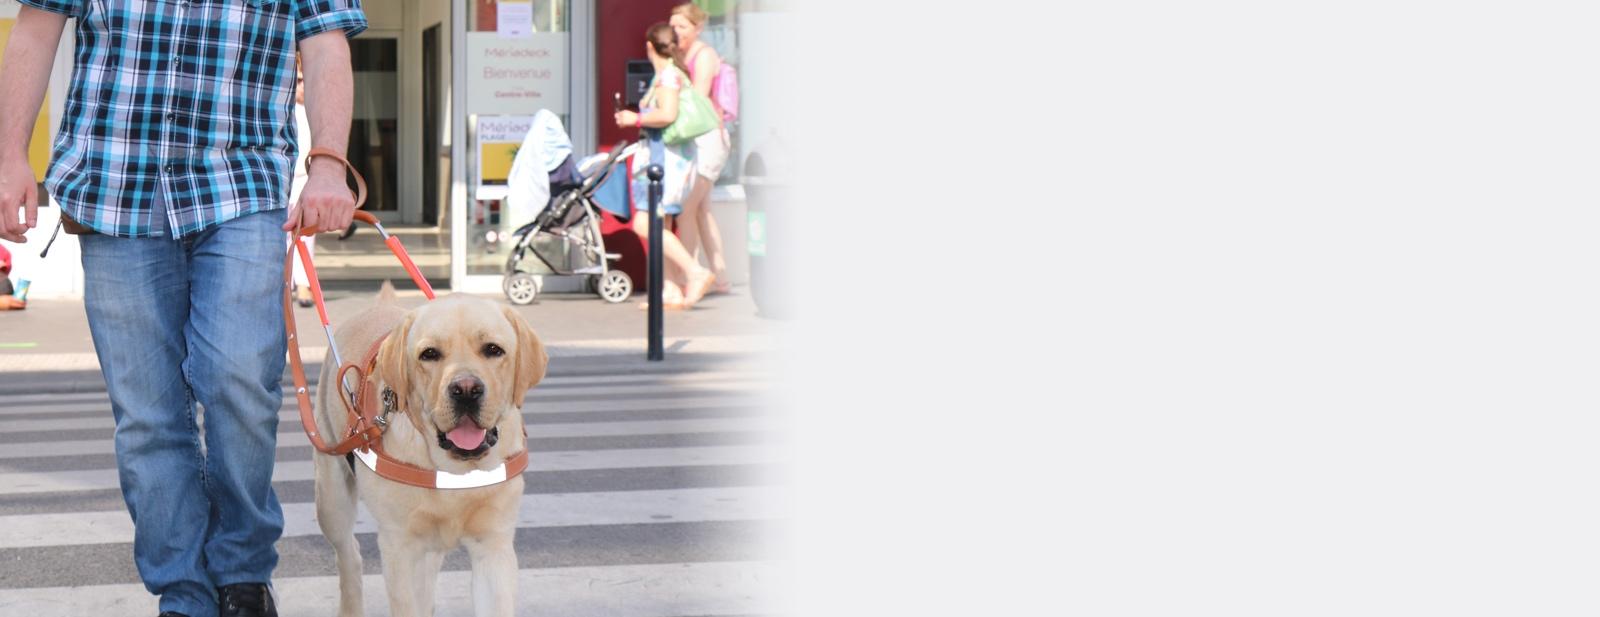 Un chien guide traversant la rue